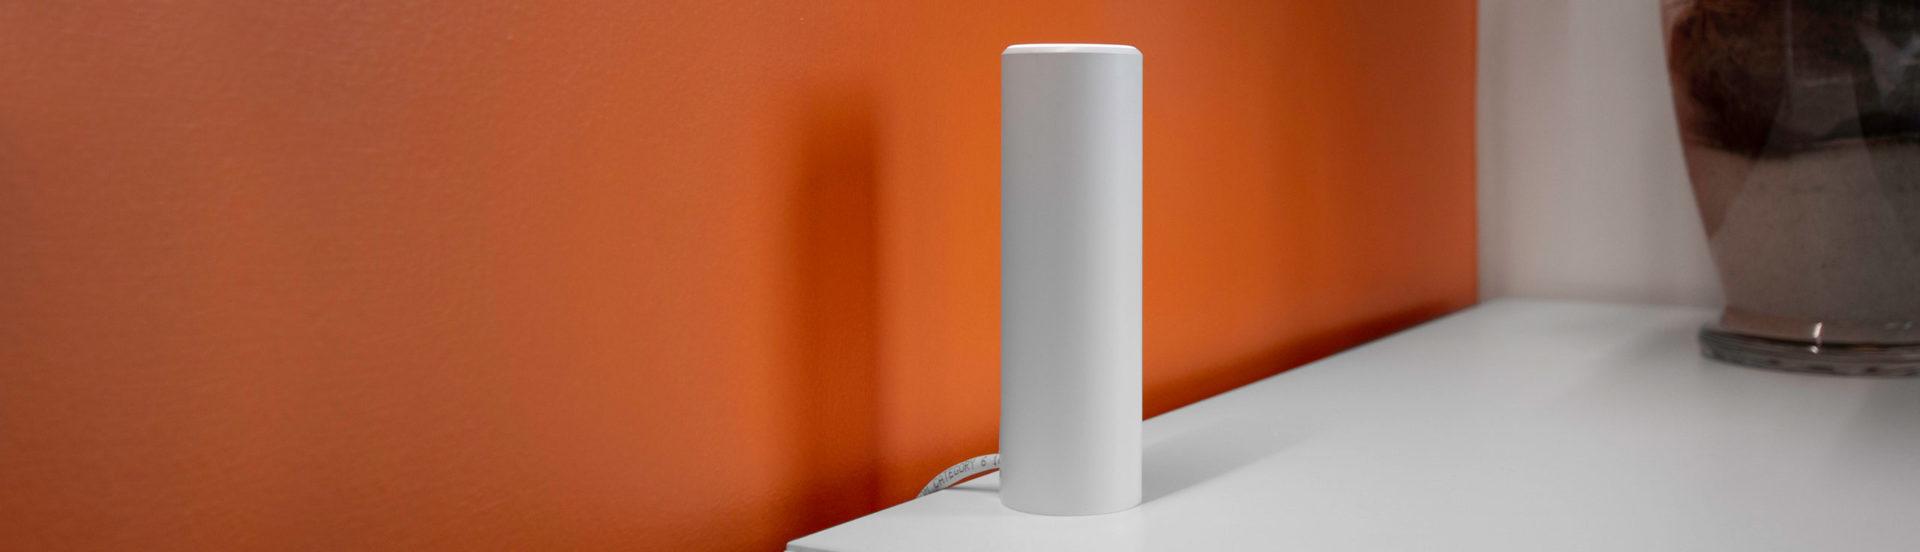 Wi Fi 6, new generation